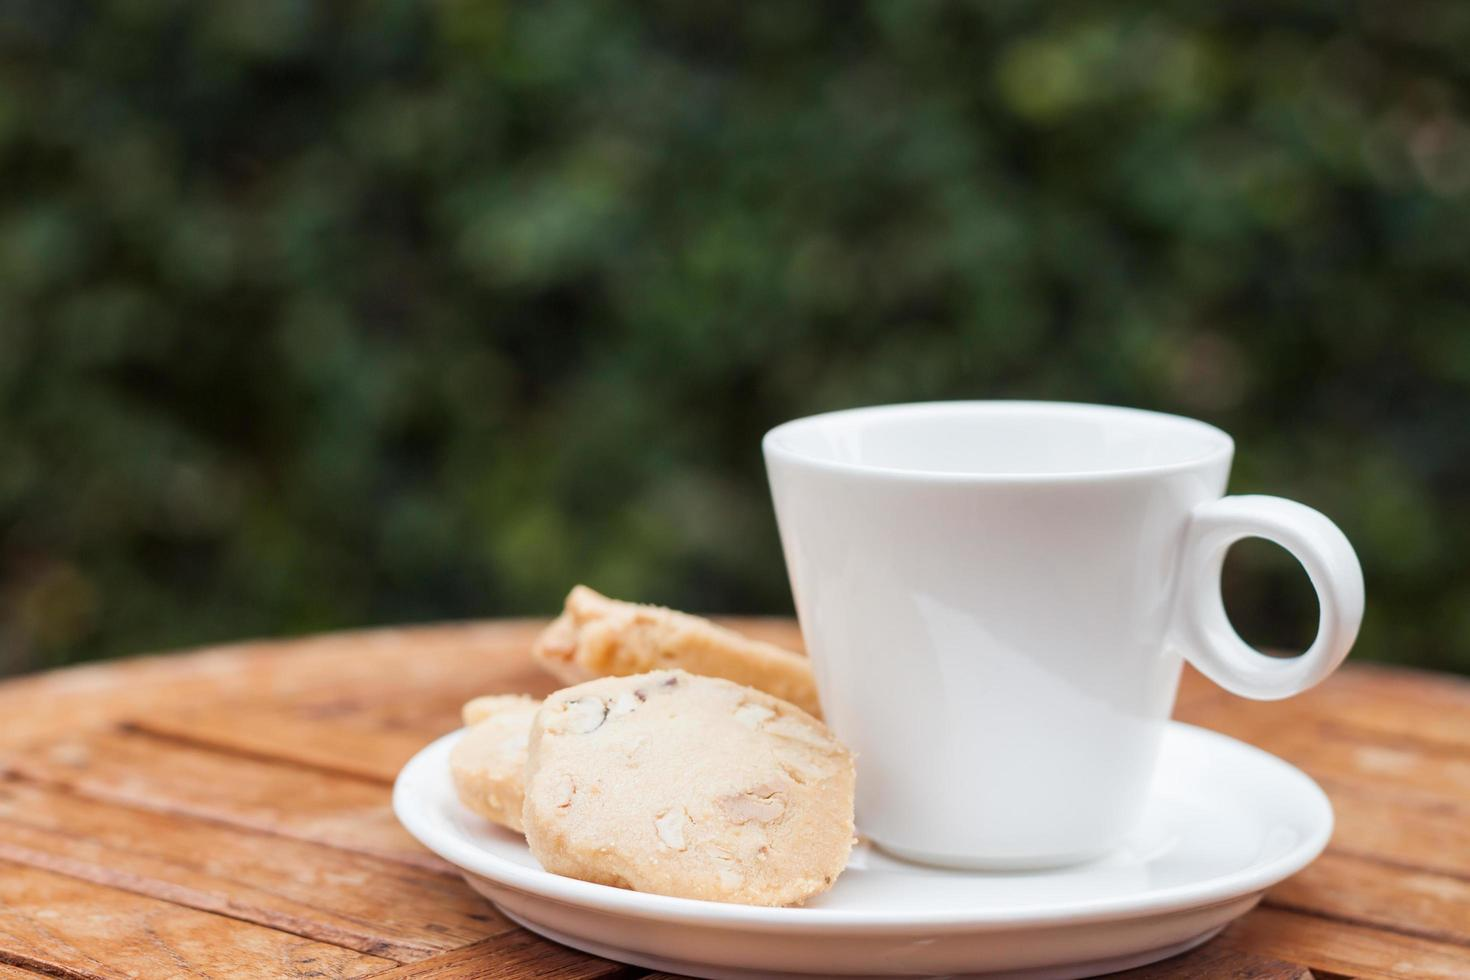 Galletas de anacardo con una taza de café con leche en una mesa exterior foto